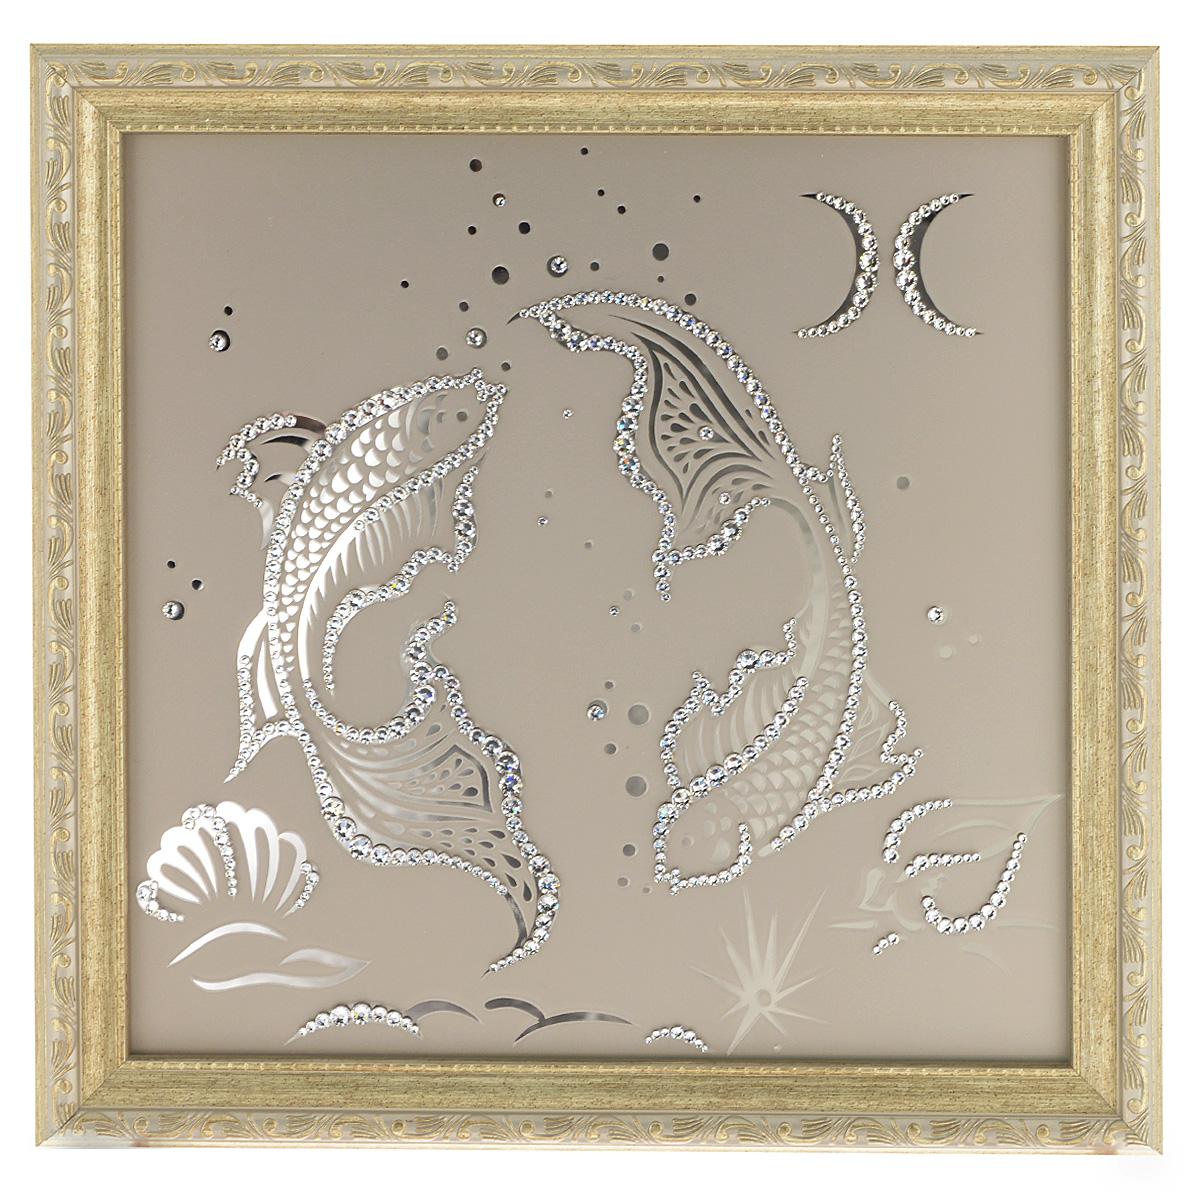 Картина с кристаллами Swarovski Знак зодиака. Рыбы, 35 см х 35 см1134Изящная картина в багетной раме Знак зодиака. Рыбы инкрустирована кристаллами Swarovski, которые отличаются четкой и ровной огранкой, ярким блеском и чистотой цвета. Идеально подобранная палитра кристаллов прекрасно дополняет картину. С задней стороны изделие оснащено проволокой для размещения на стене. Картина с кристаллами Swarovski элегантно украсит интерьер дома, а также станет прекрасным подарком, который обязательно понравится получателю. Блеск кристаллов в интерьере - что может быть сказочнее и удивительнее. Изделие упаковано в подарочную картонную коробку синего цвета и комплектуется сертификатом соответствия Swarovski.